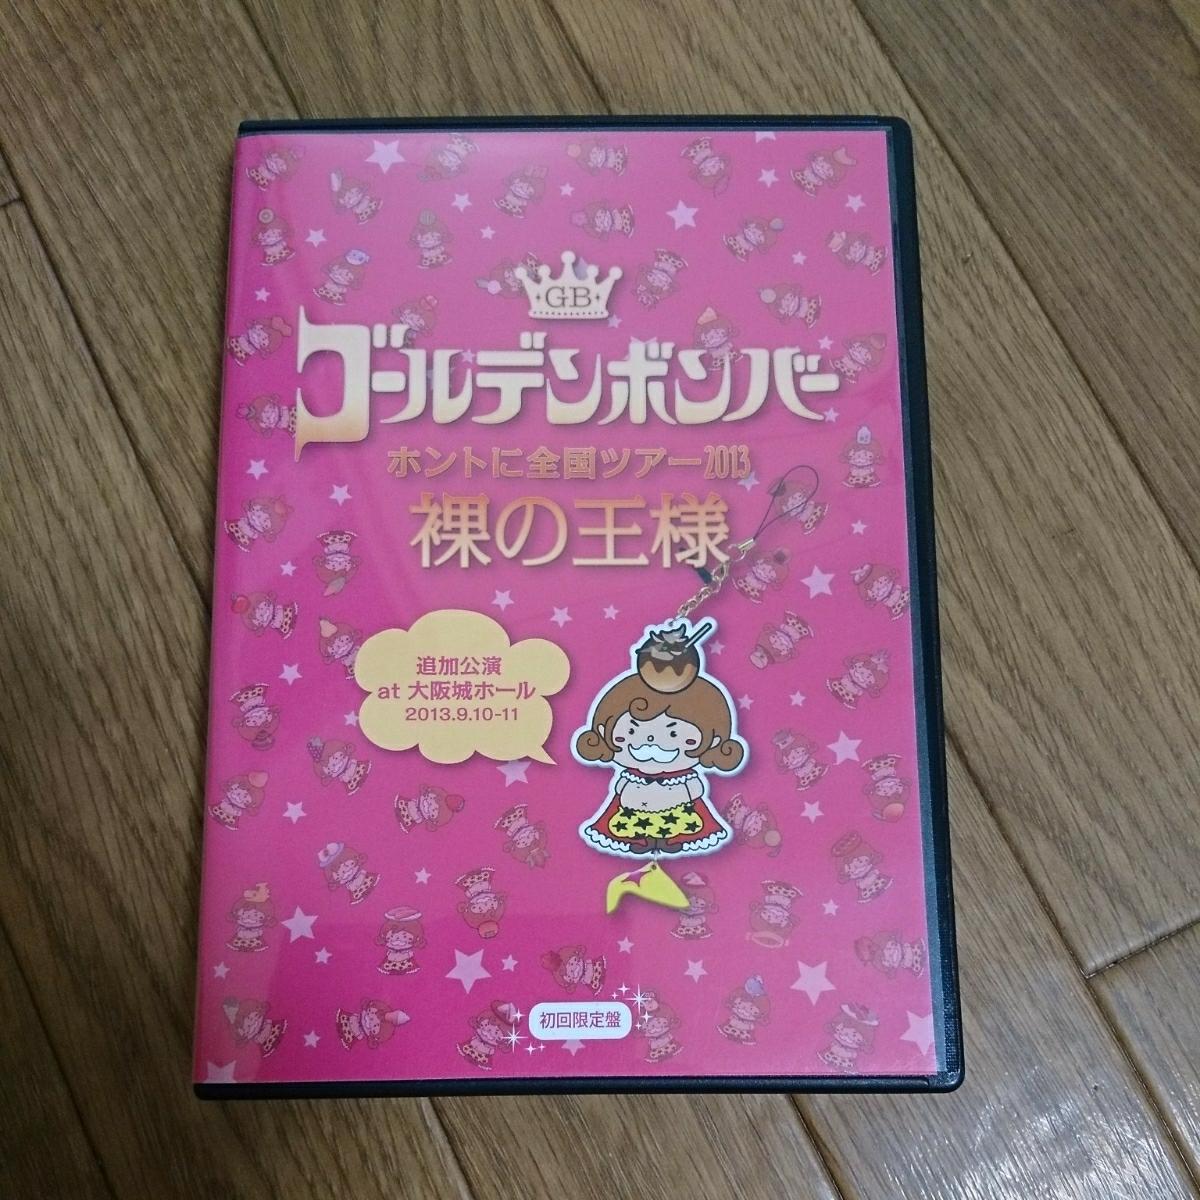 ゴールデンボンバー 裸の王様 初回限定盤 追加公演at大阪城ホール DVD 送料164円~ ライブグッズの画像